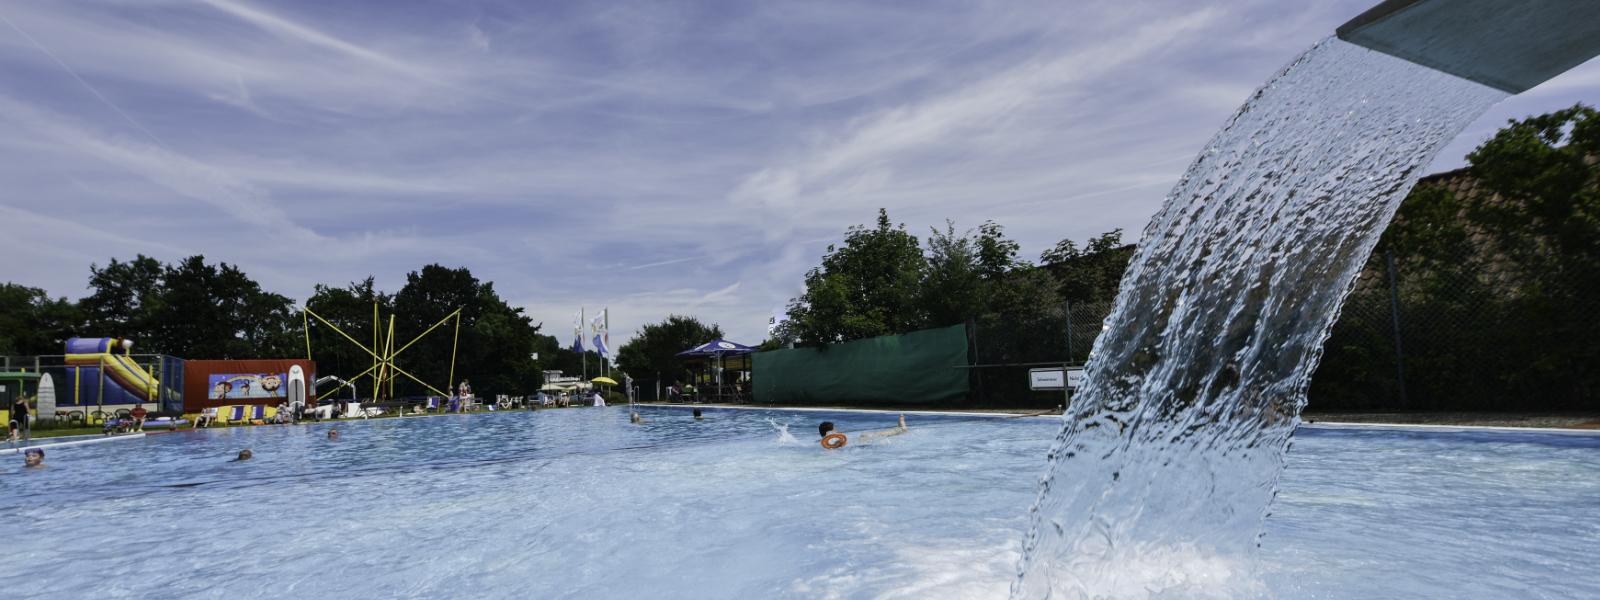 headerbild-meerwasser-schwimmbad